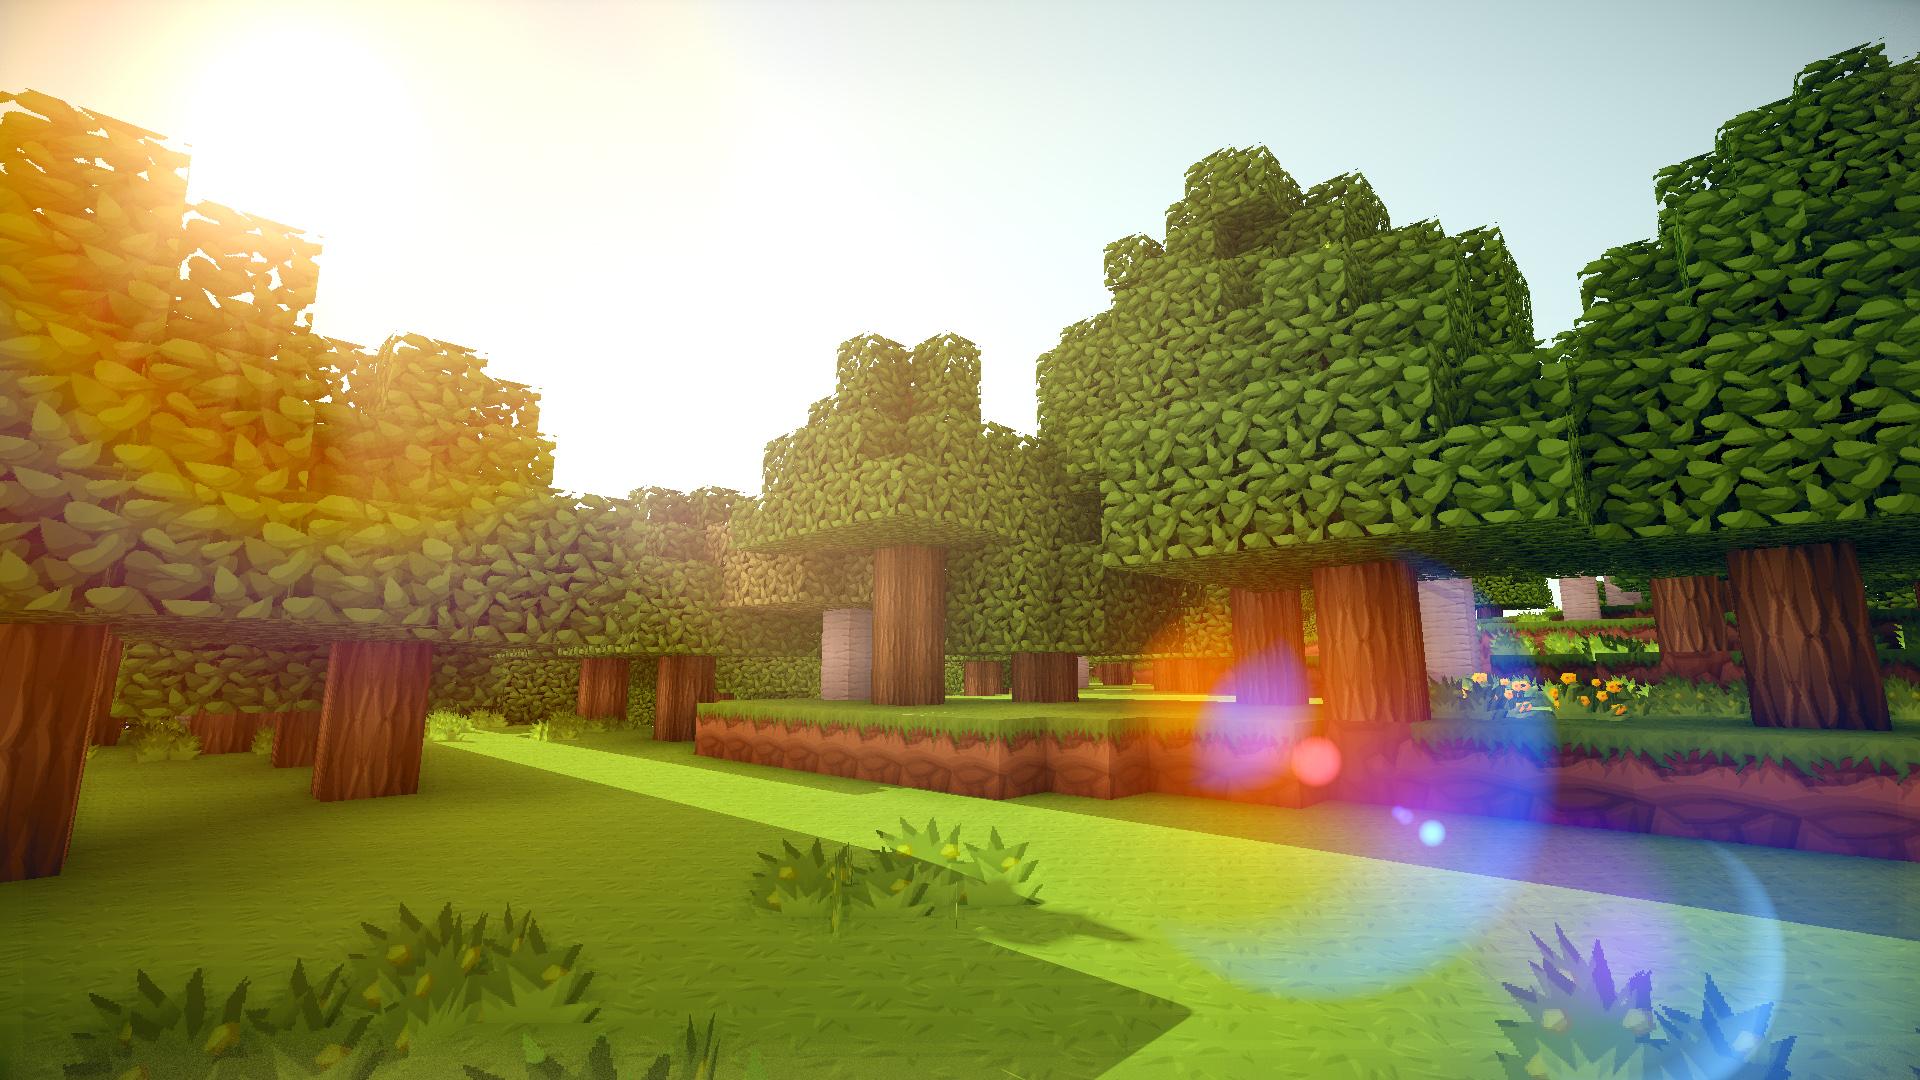 minecraft en realite virtuelle est disponible sur oculus rift pop culture numerama - fortnite fond miniature